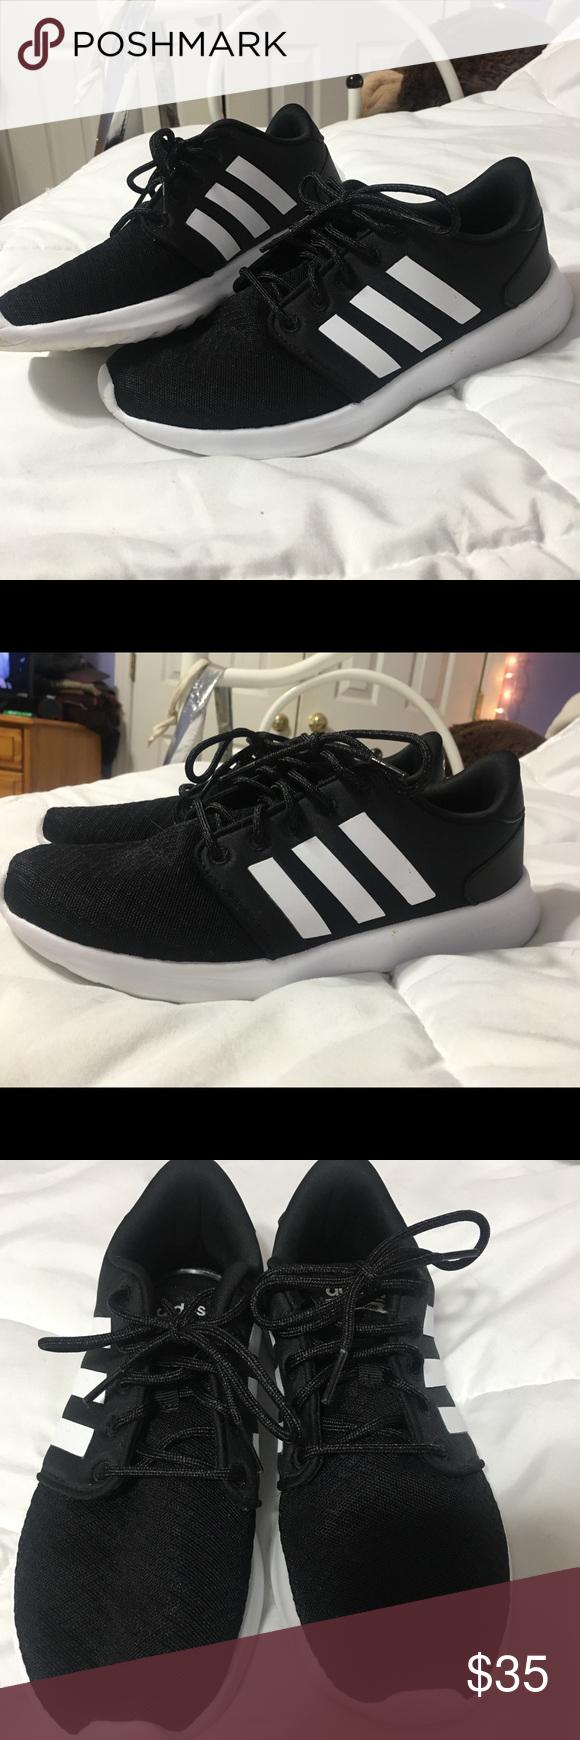 Adidas neo cloudfoam corredores corredores corredores tamaño 8 ligeramente desgastado adidas corriendo zapatos b22ec7